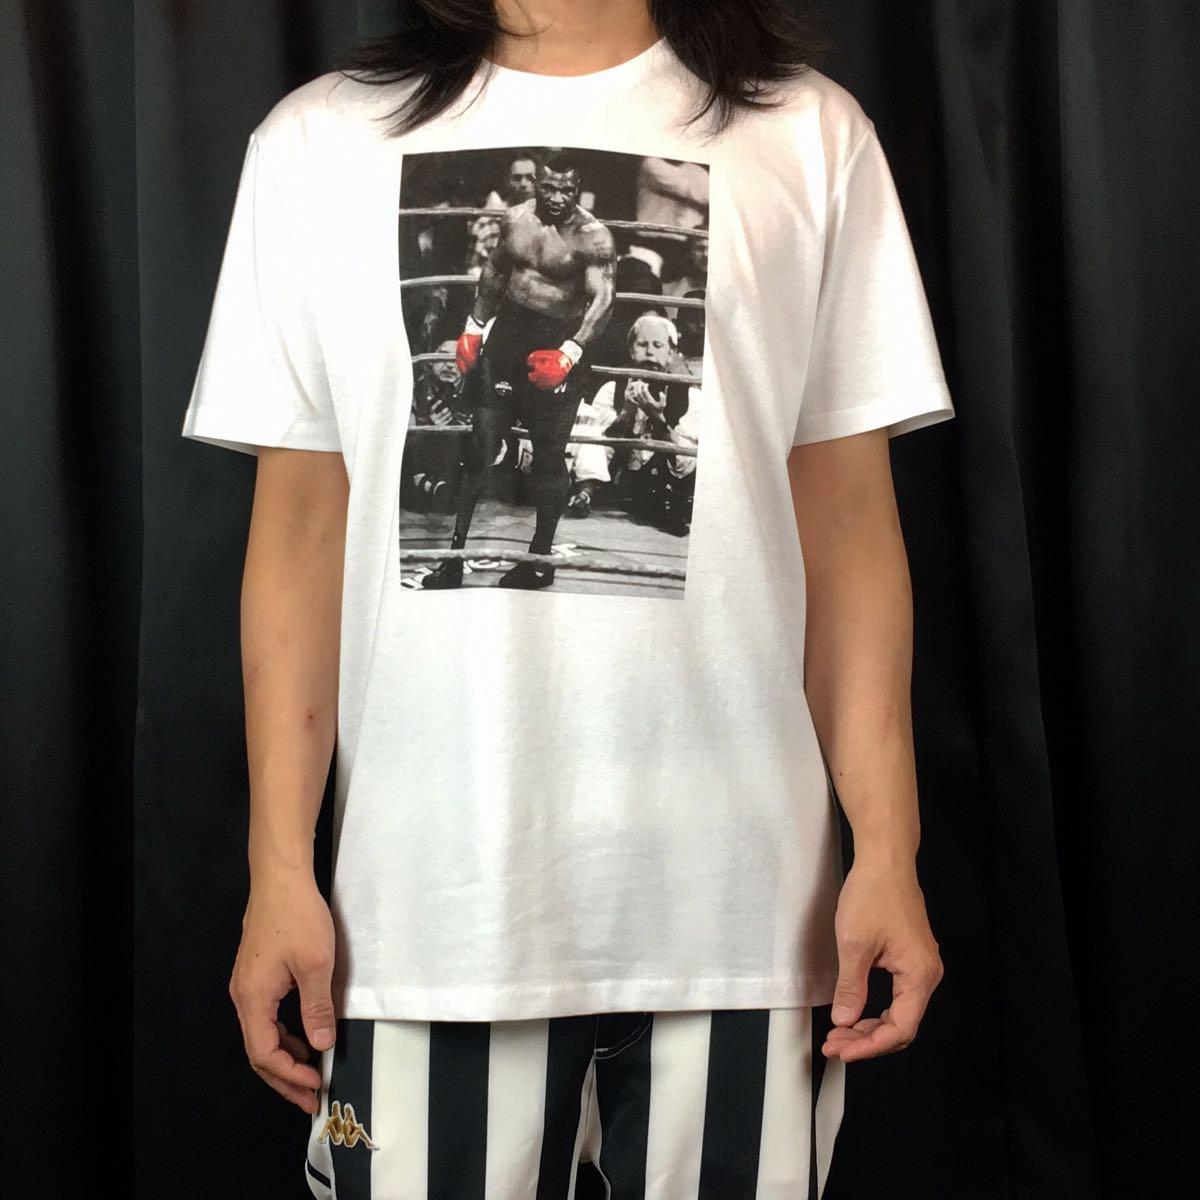 新品 マイクタイソン Tシャツ S M L XL ボクシング モハメドアリ 大きい ビッグ オーバー サイズ XXL 3XL 4XL 5XL ロンT 長袖 黒 対応 可能_画像1